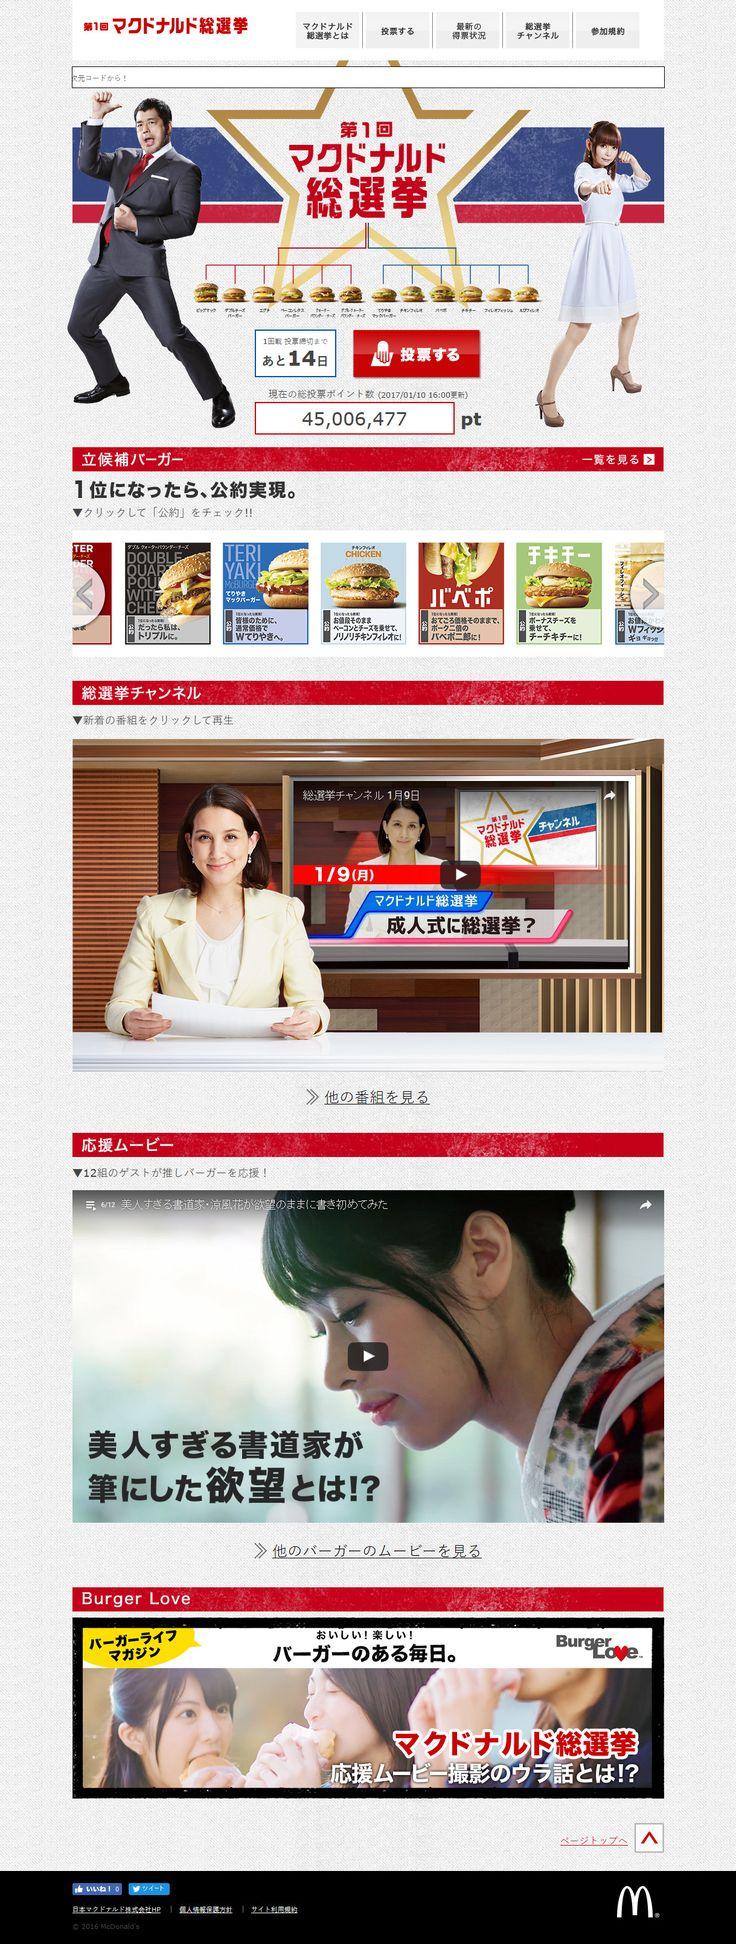 第1回マクドナルド総選挙 1回戦 投票受付中! http://mcdonalds-sosenkyo.jp/